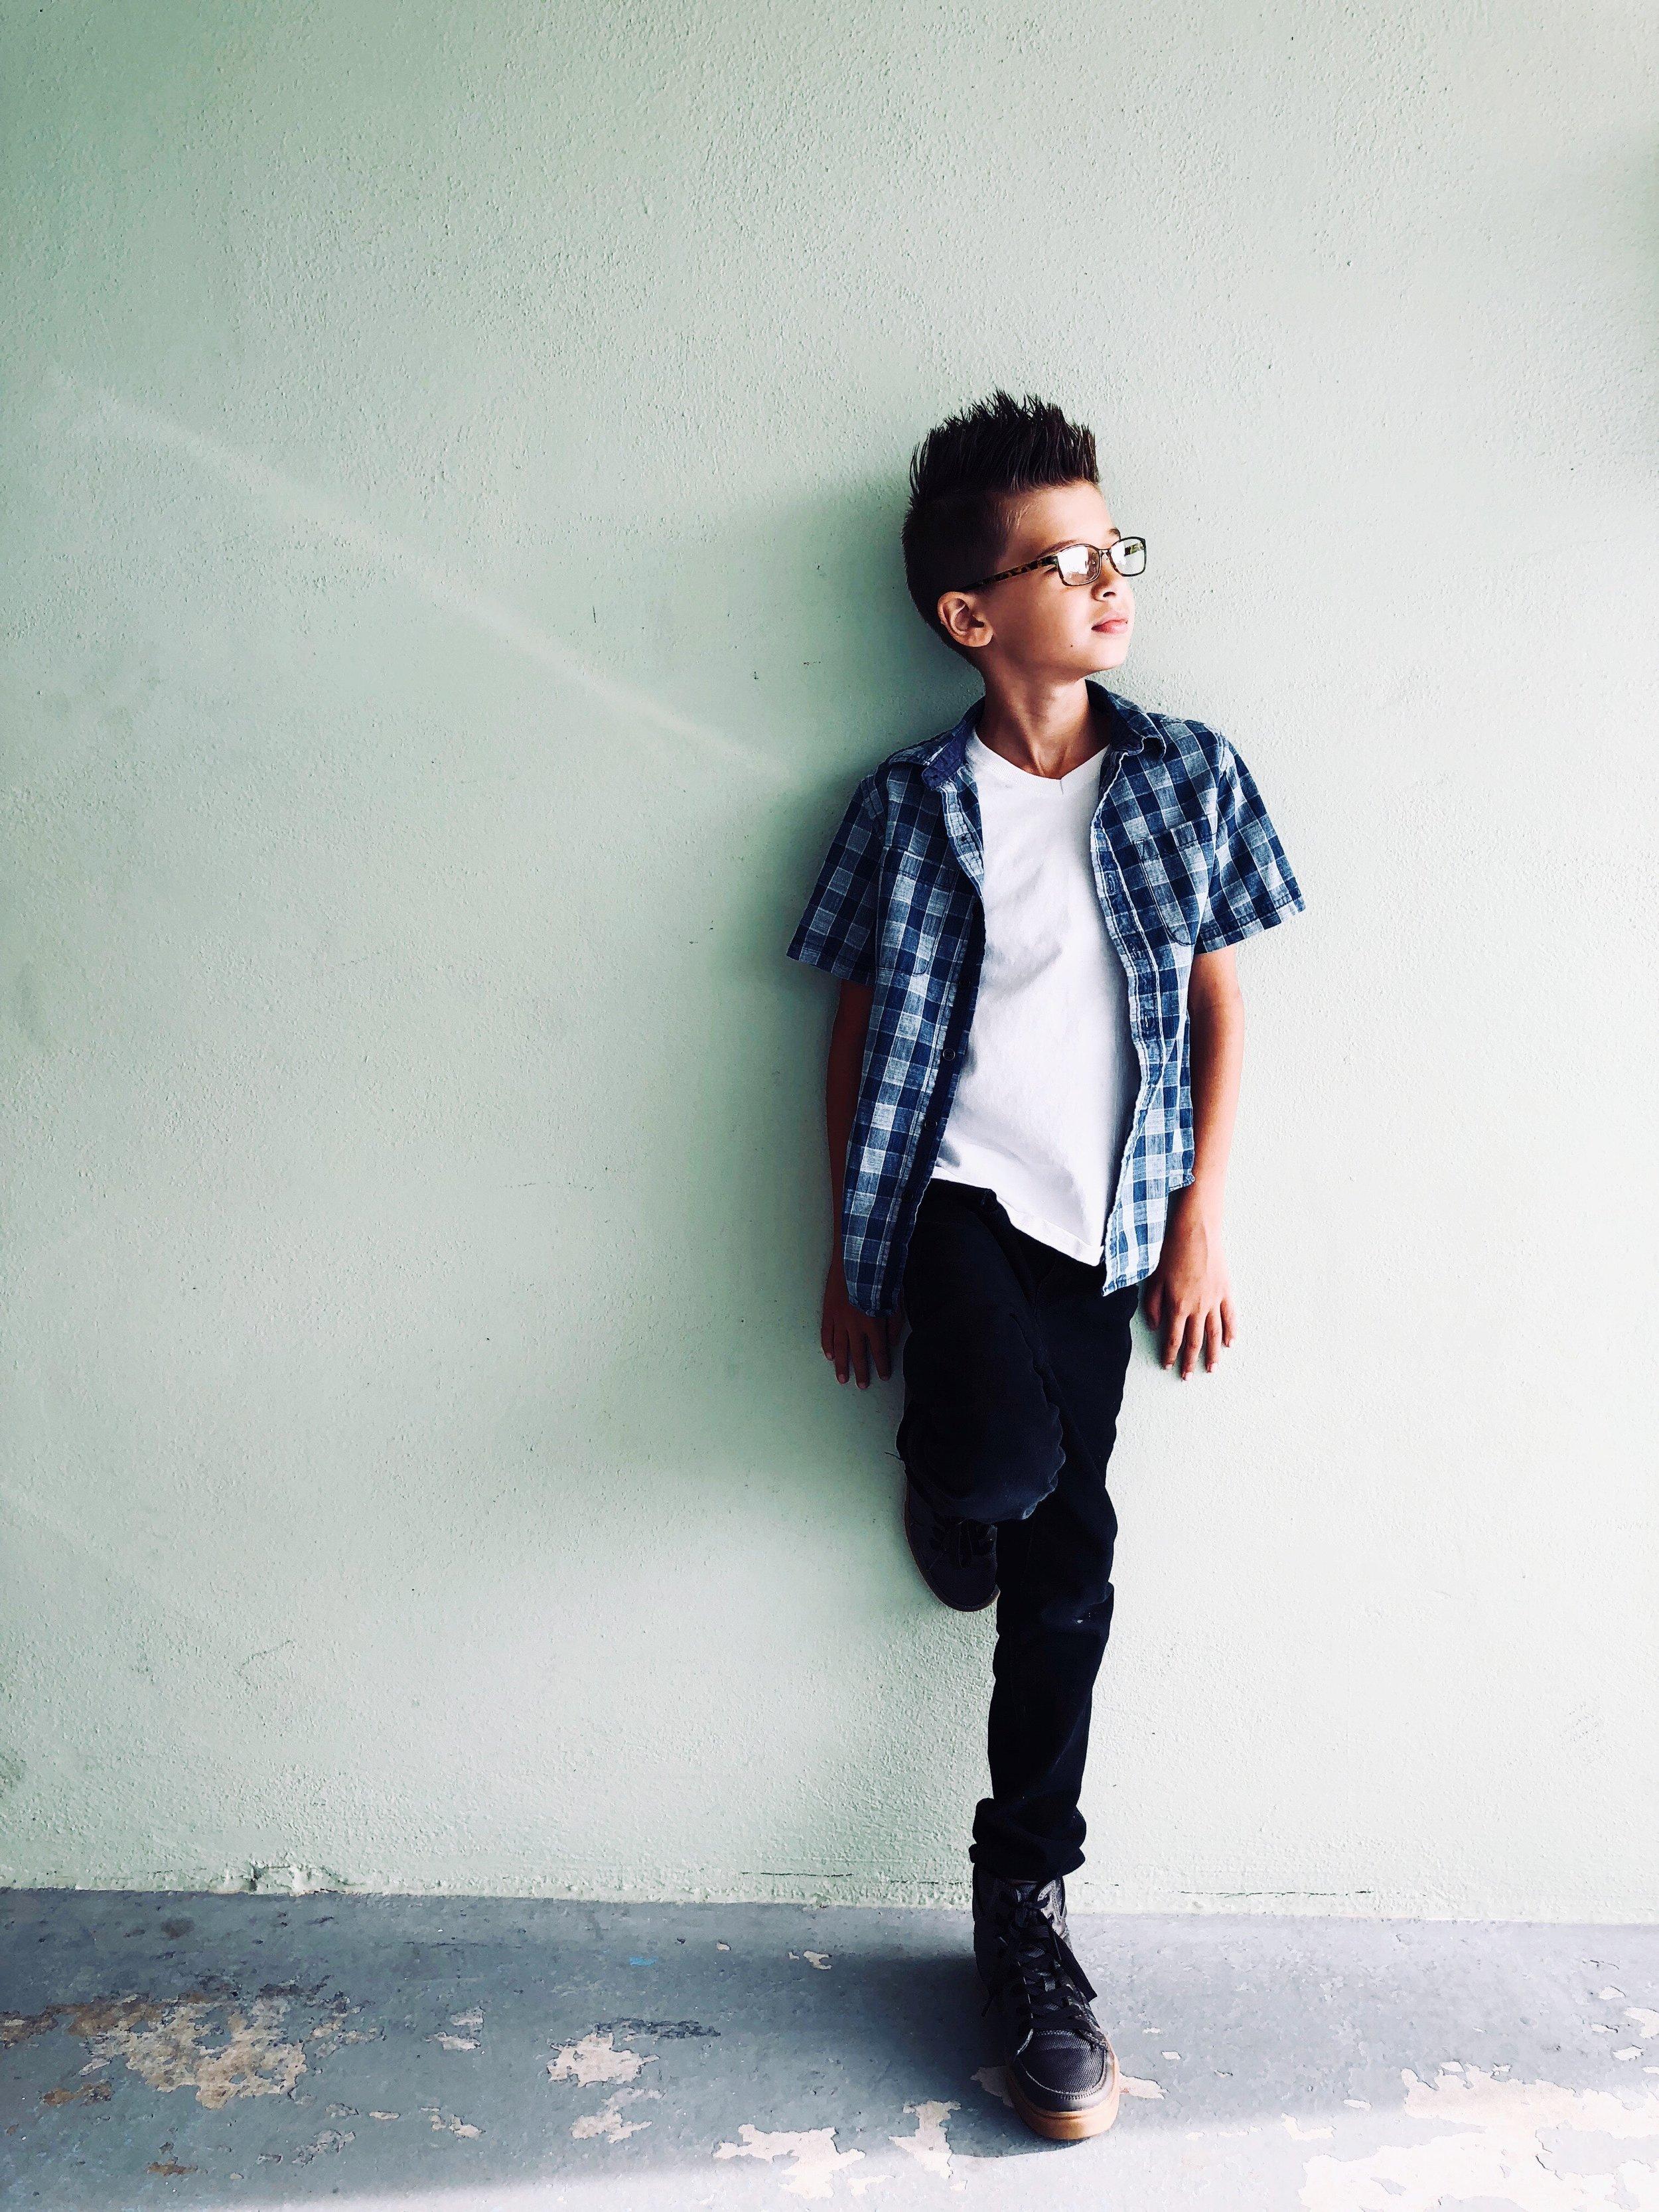 boy-child-cute-969373.jpg